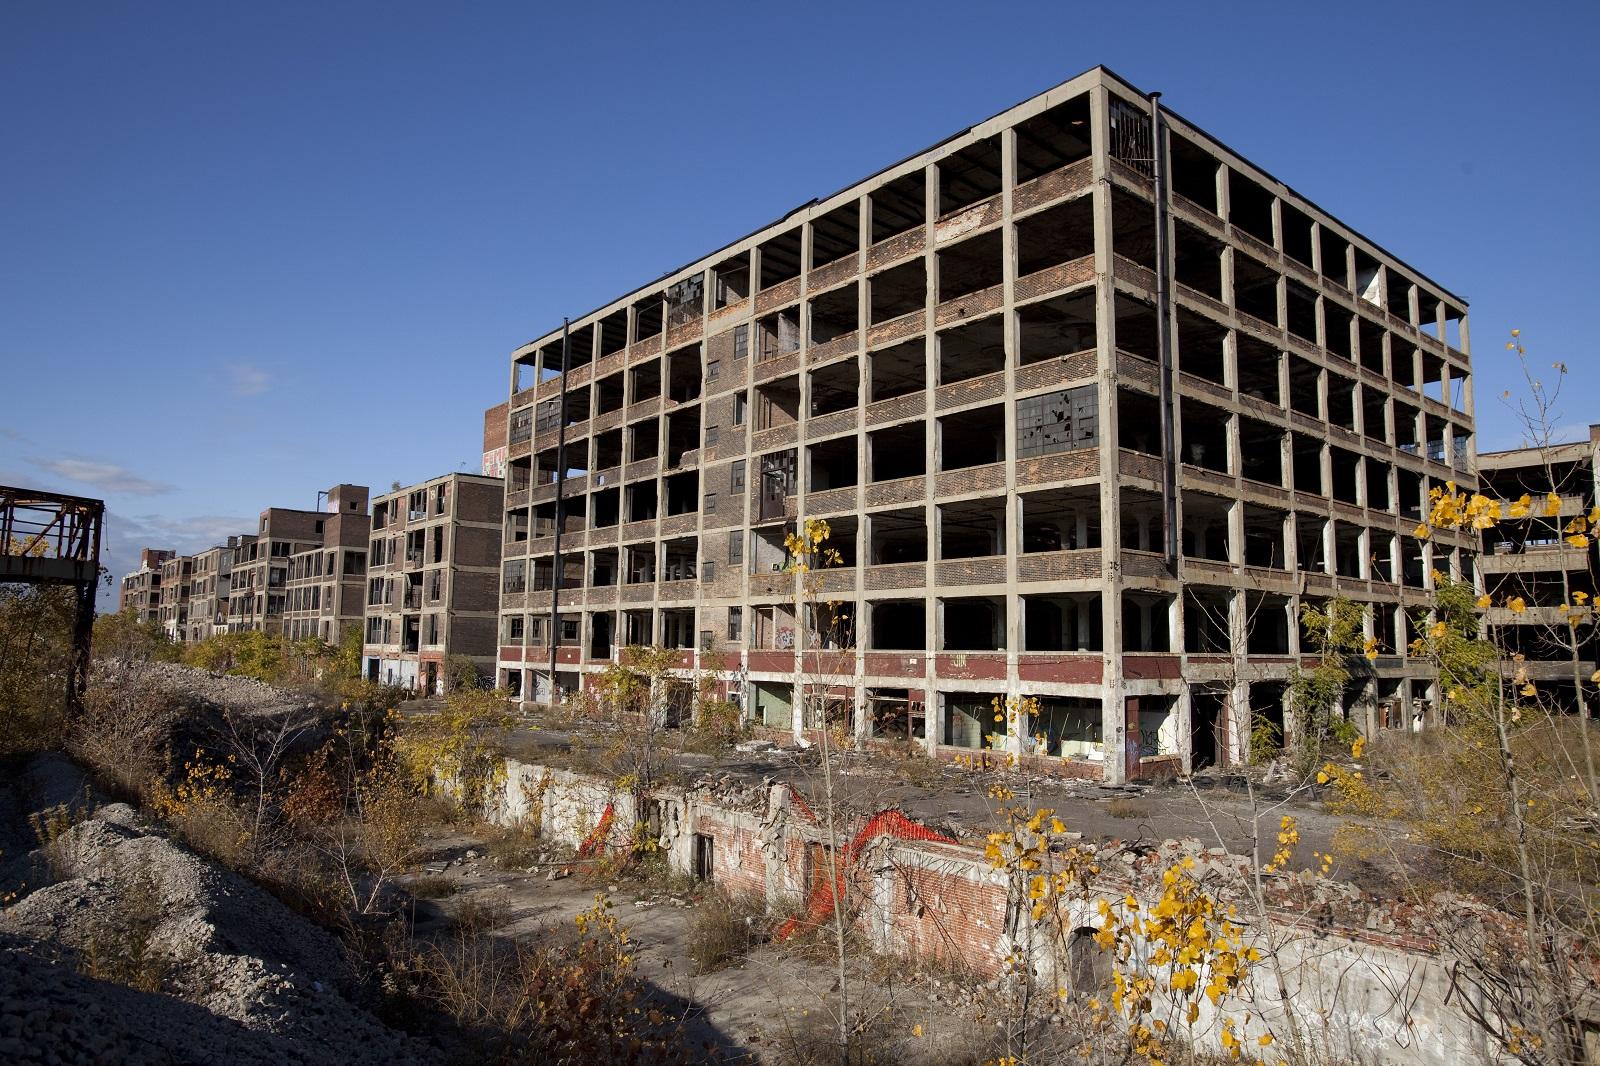 """Wstrząsająca historia upadku. """"Detroit. Sekcja zwłok Ameryki"""", Charlie LeDuff – recenzja sPlay"""